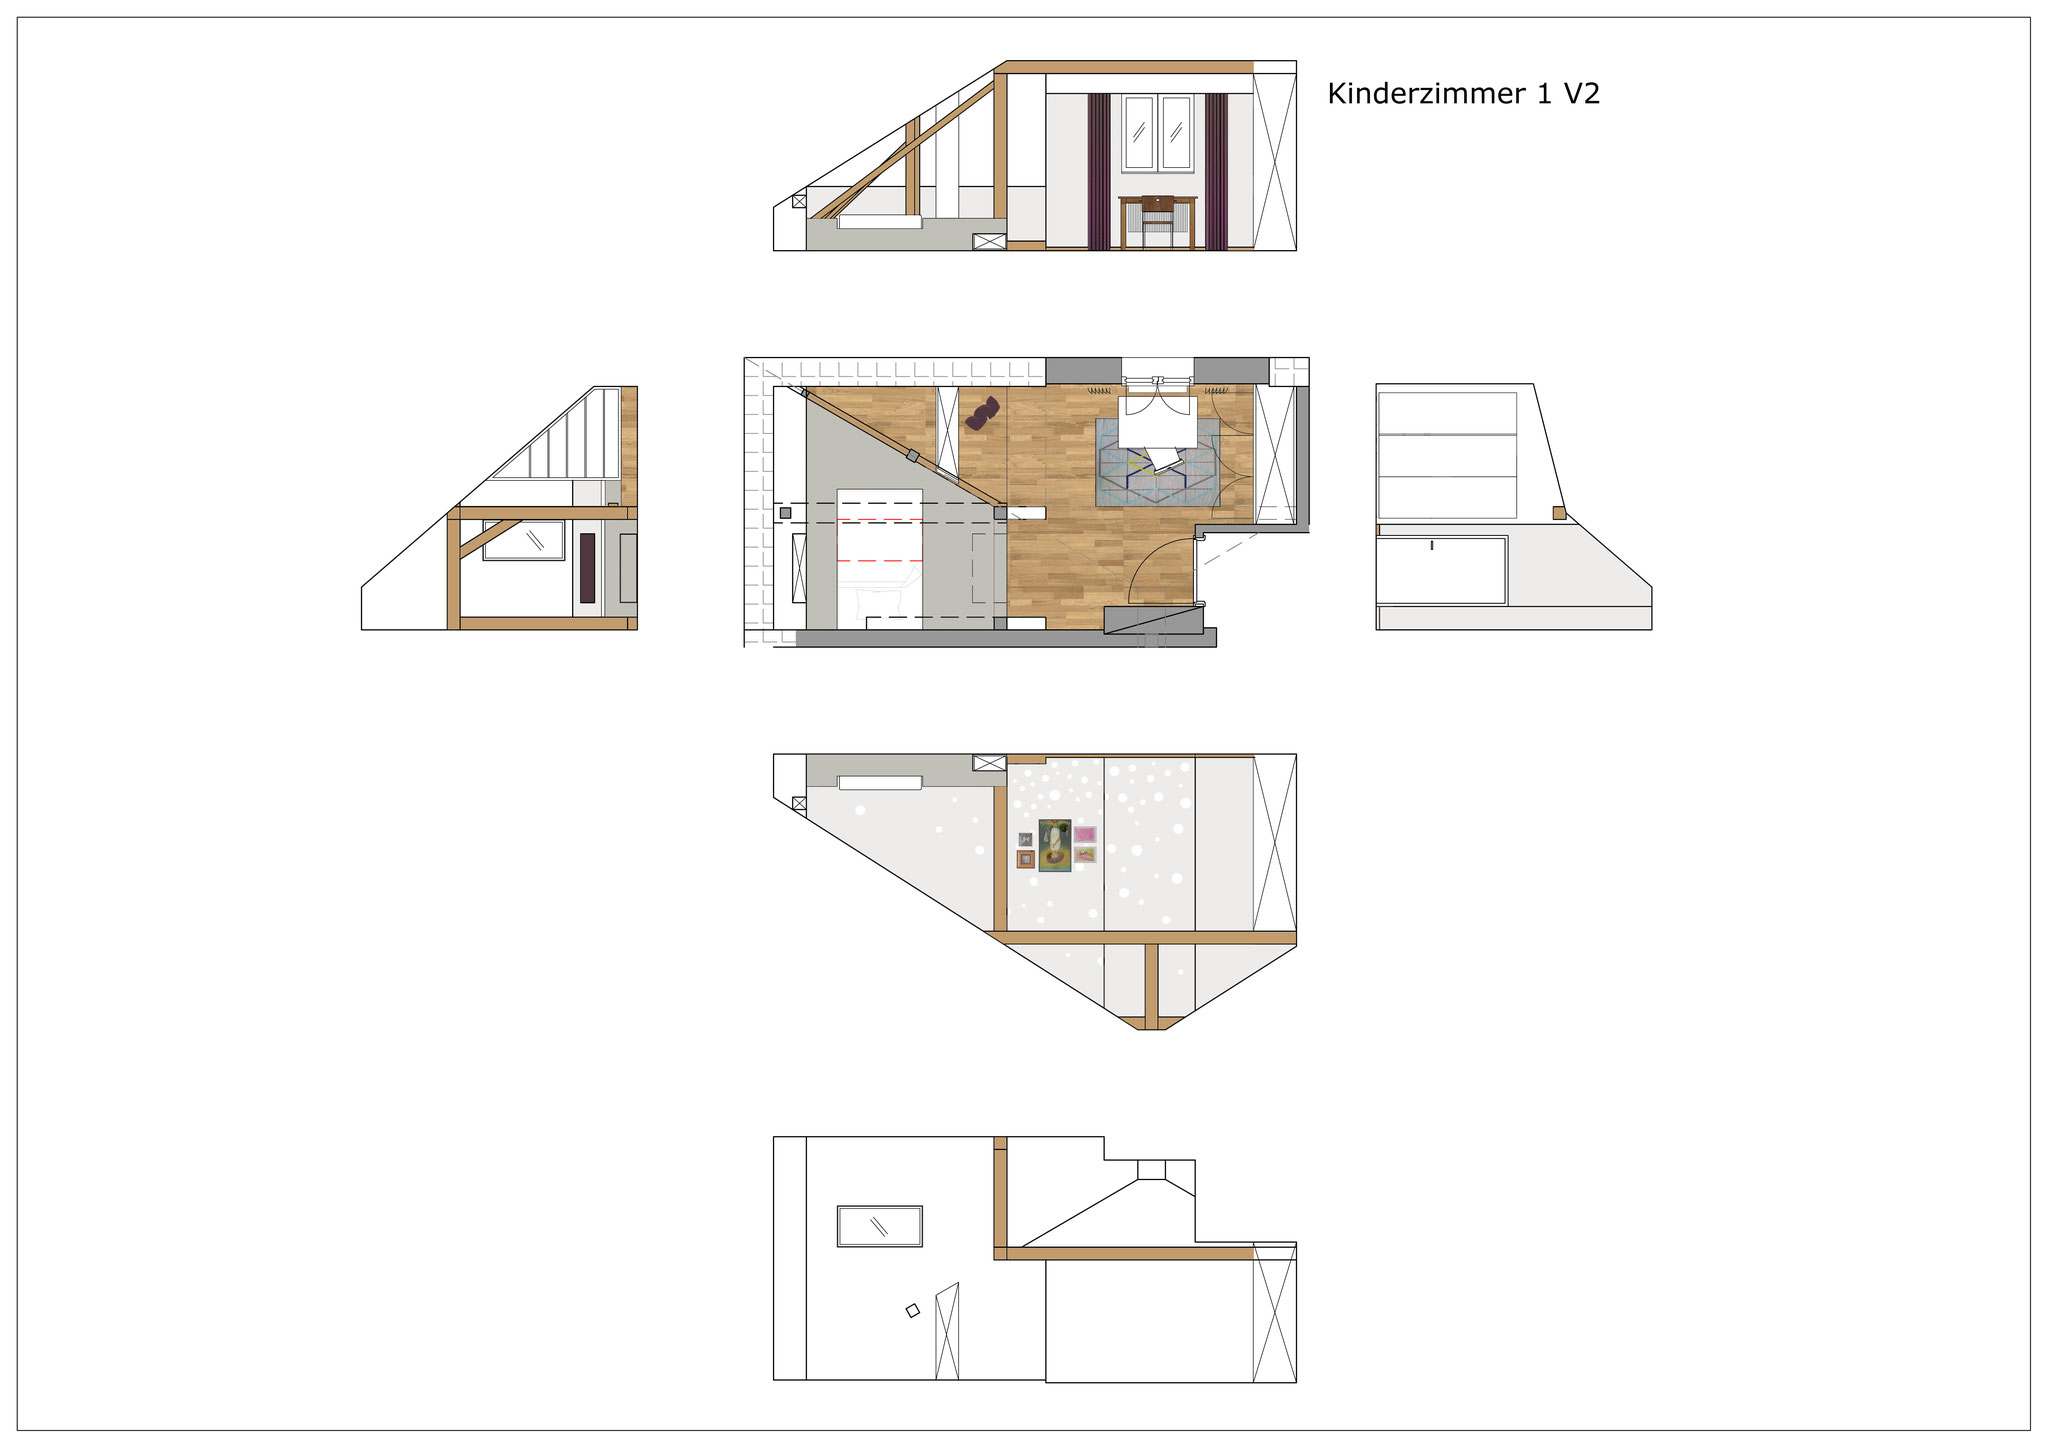 Konzept Kinderzimmer Dachgeschoss